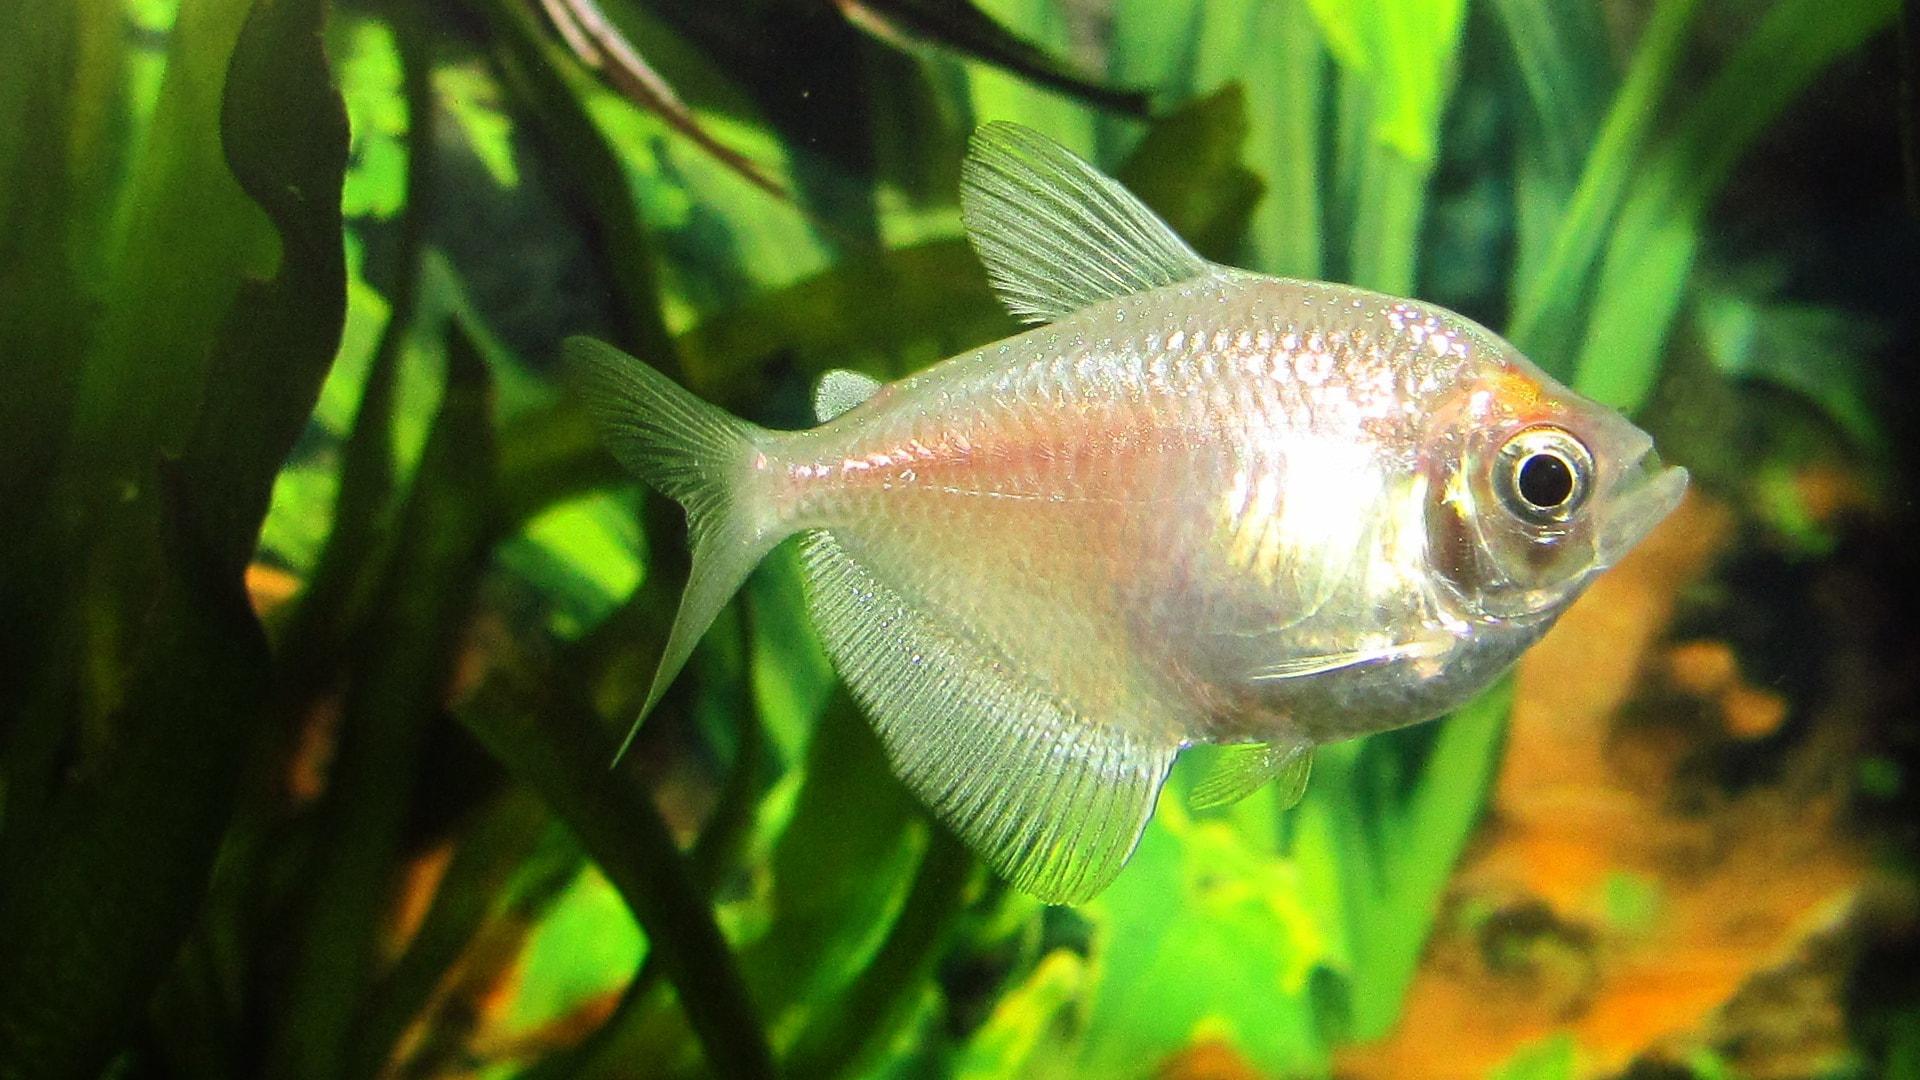 Home Aquarium: Finding the Right Fish